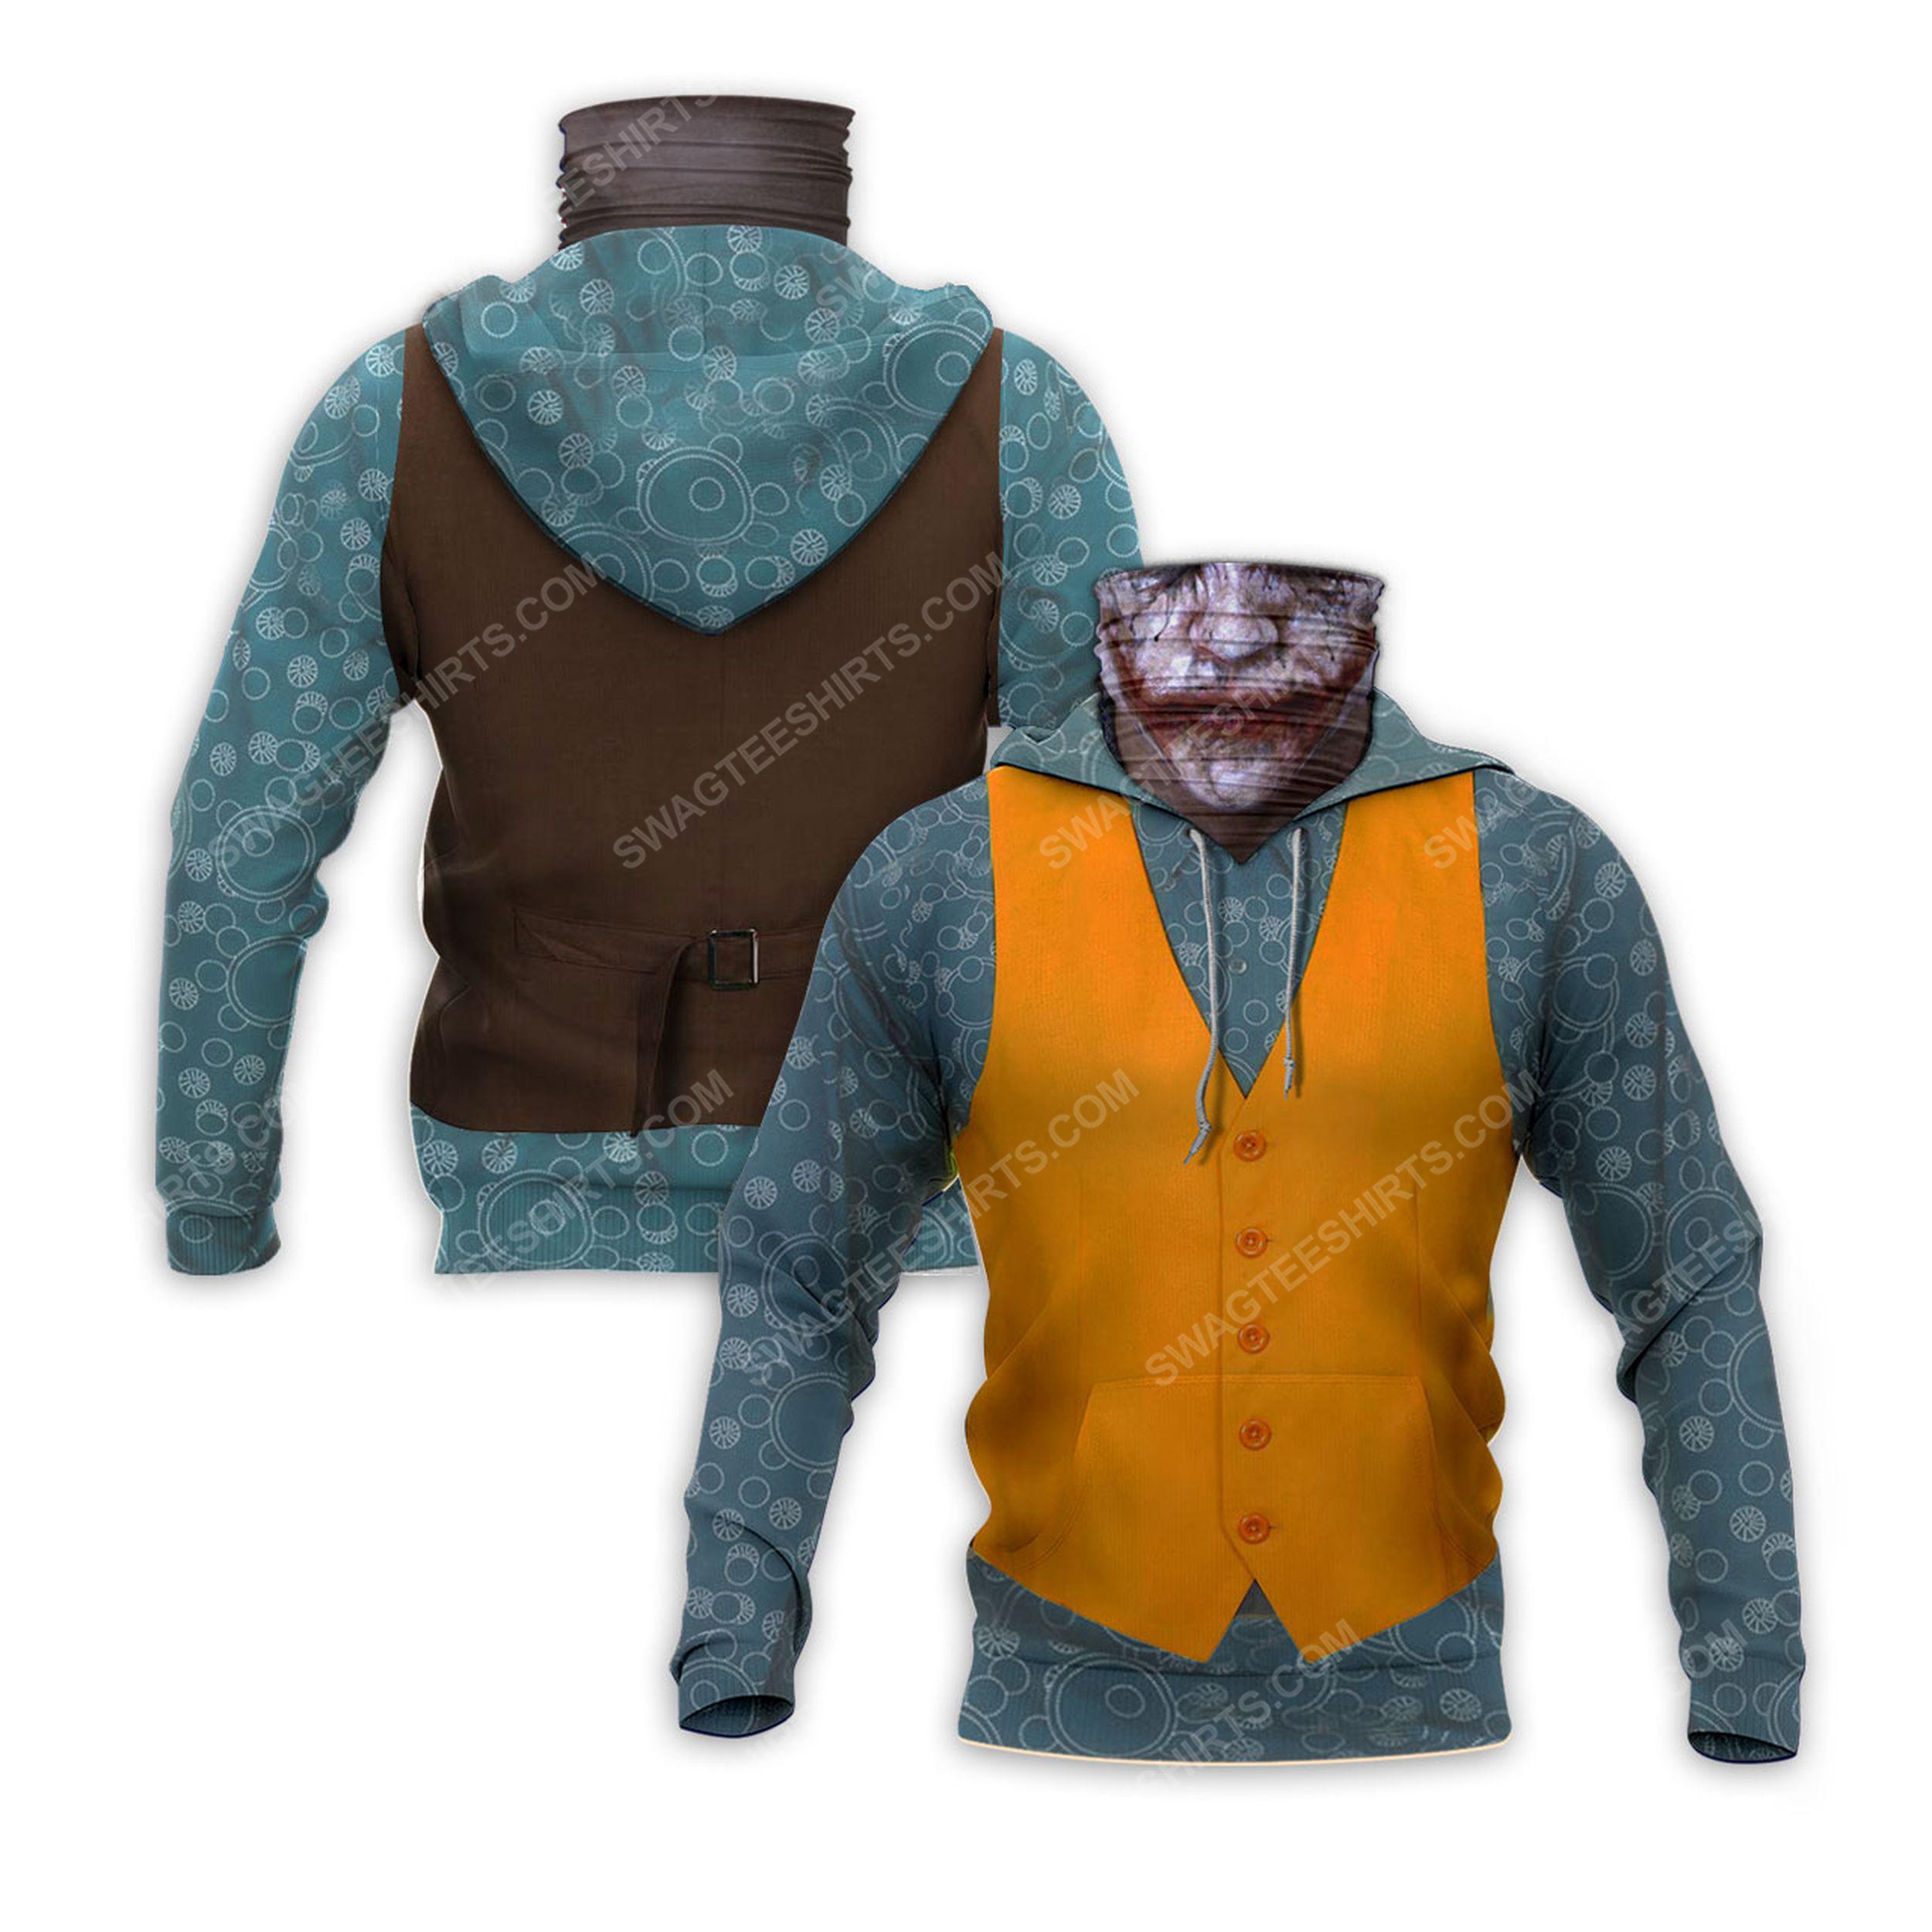 The joker movie full print mask hoodie 2(1) - Copy